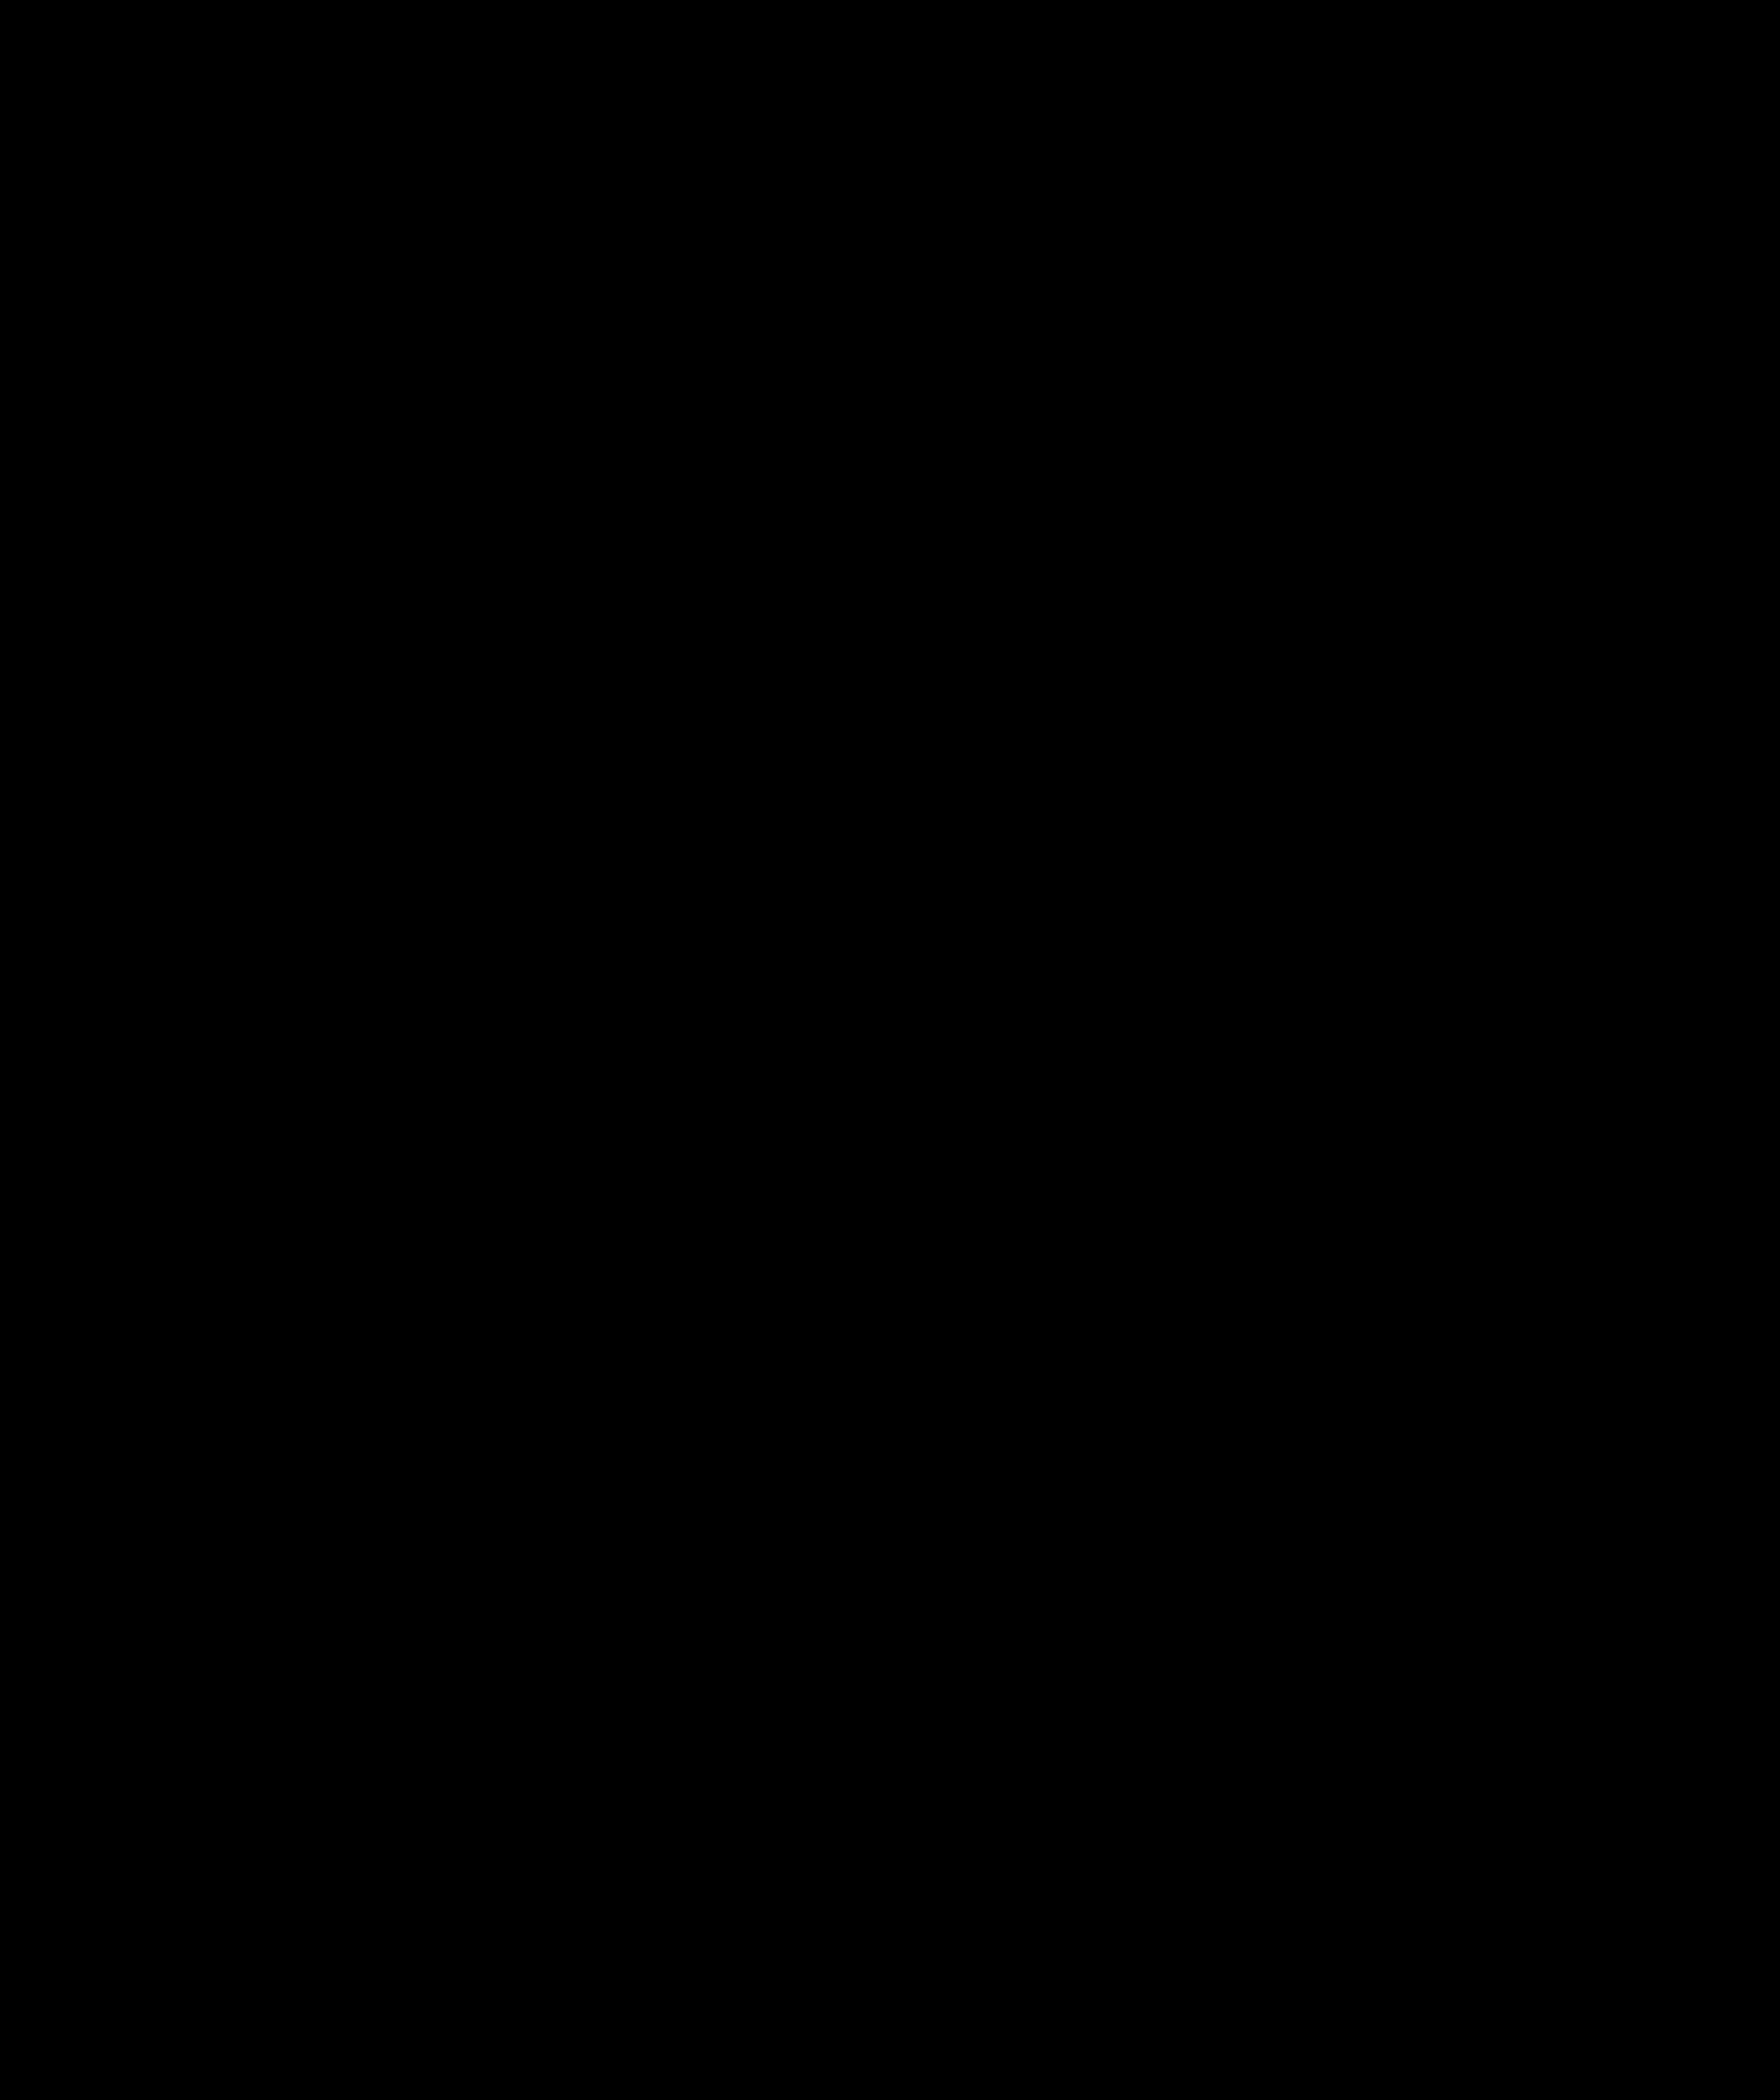 160521-bht-51